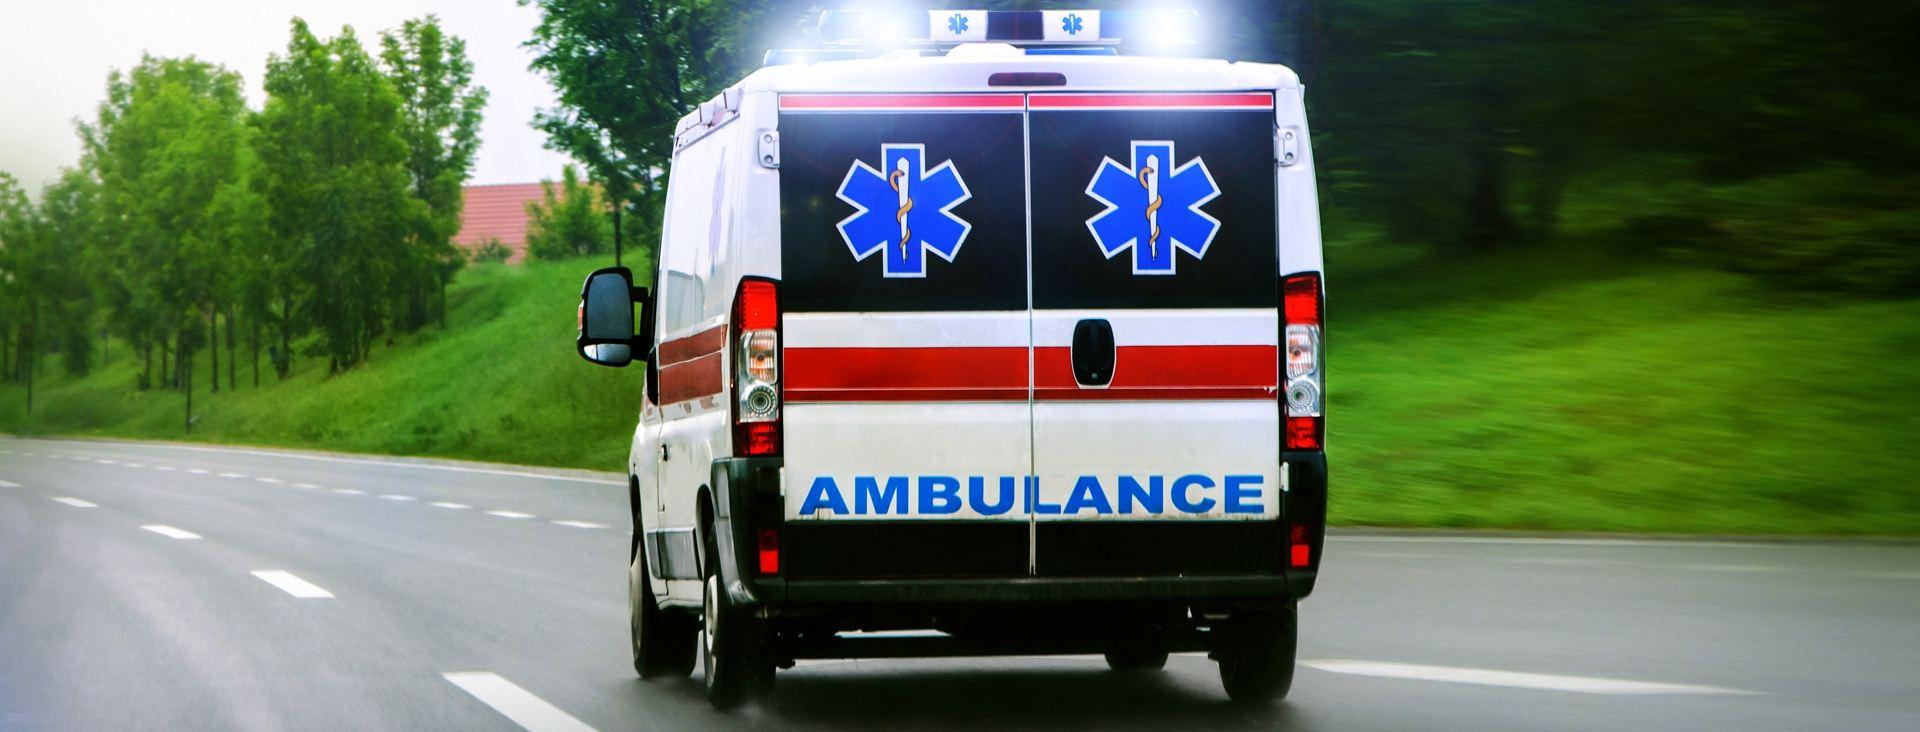 Ambulance USA Contact Us